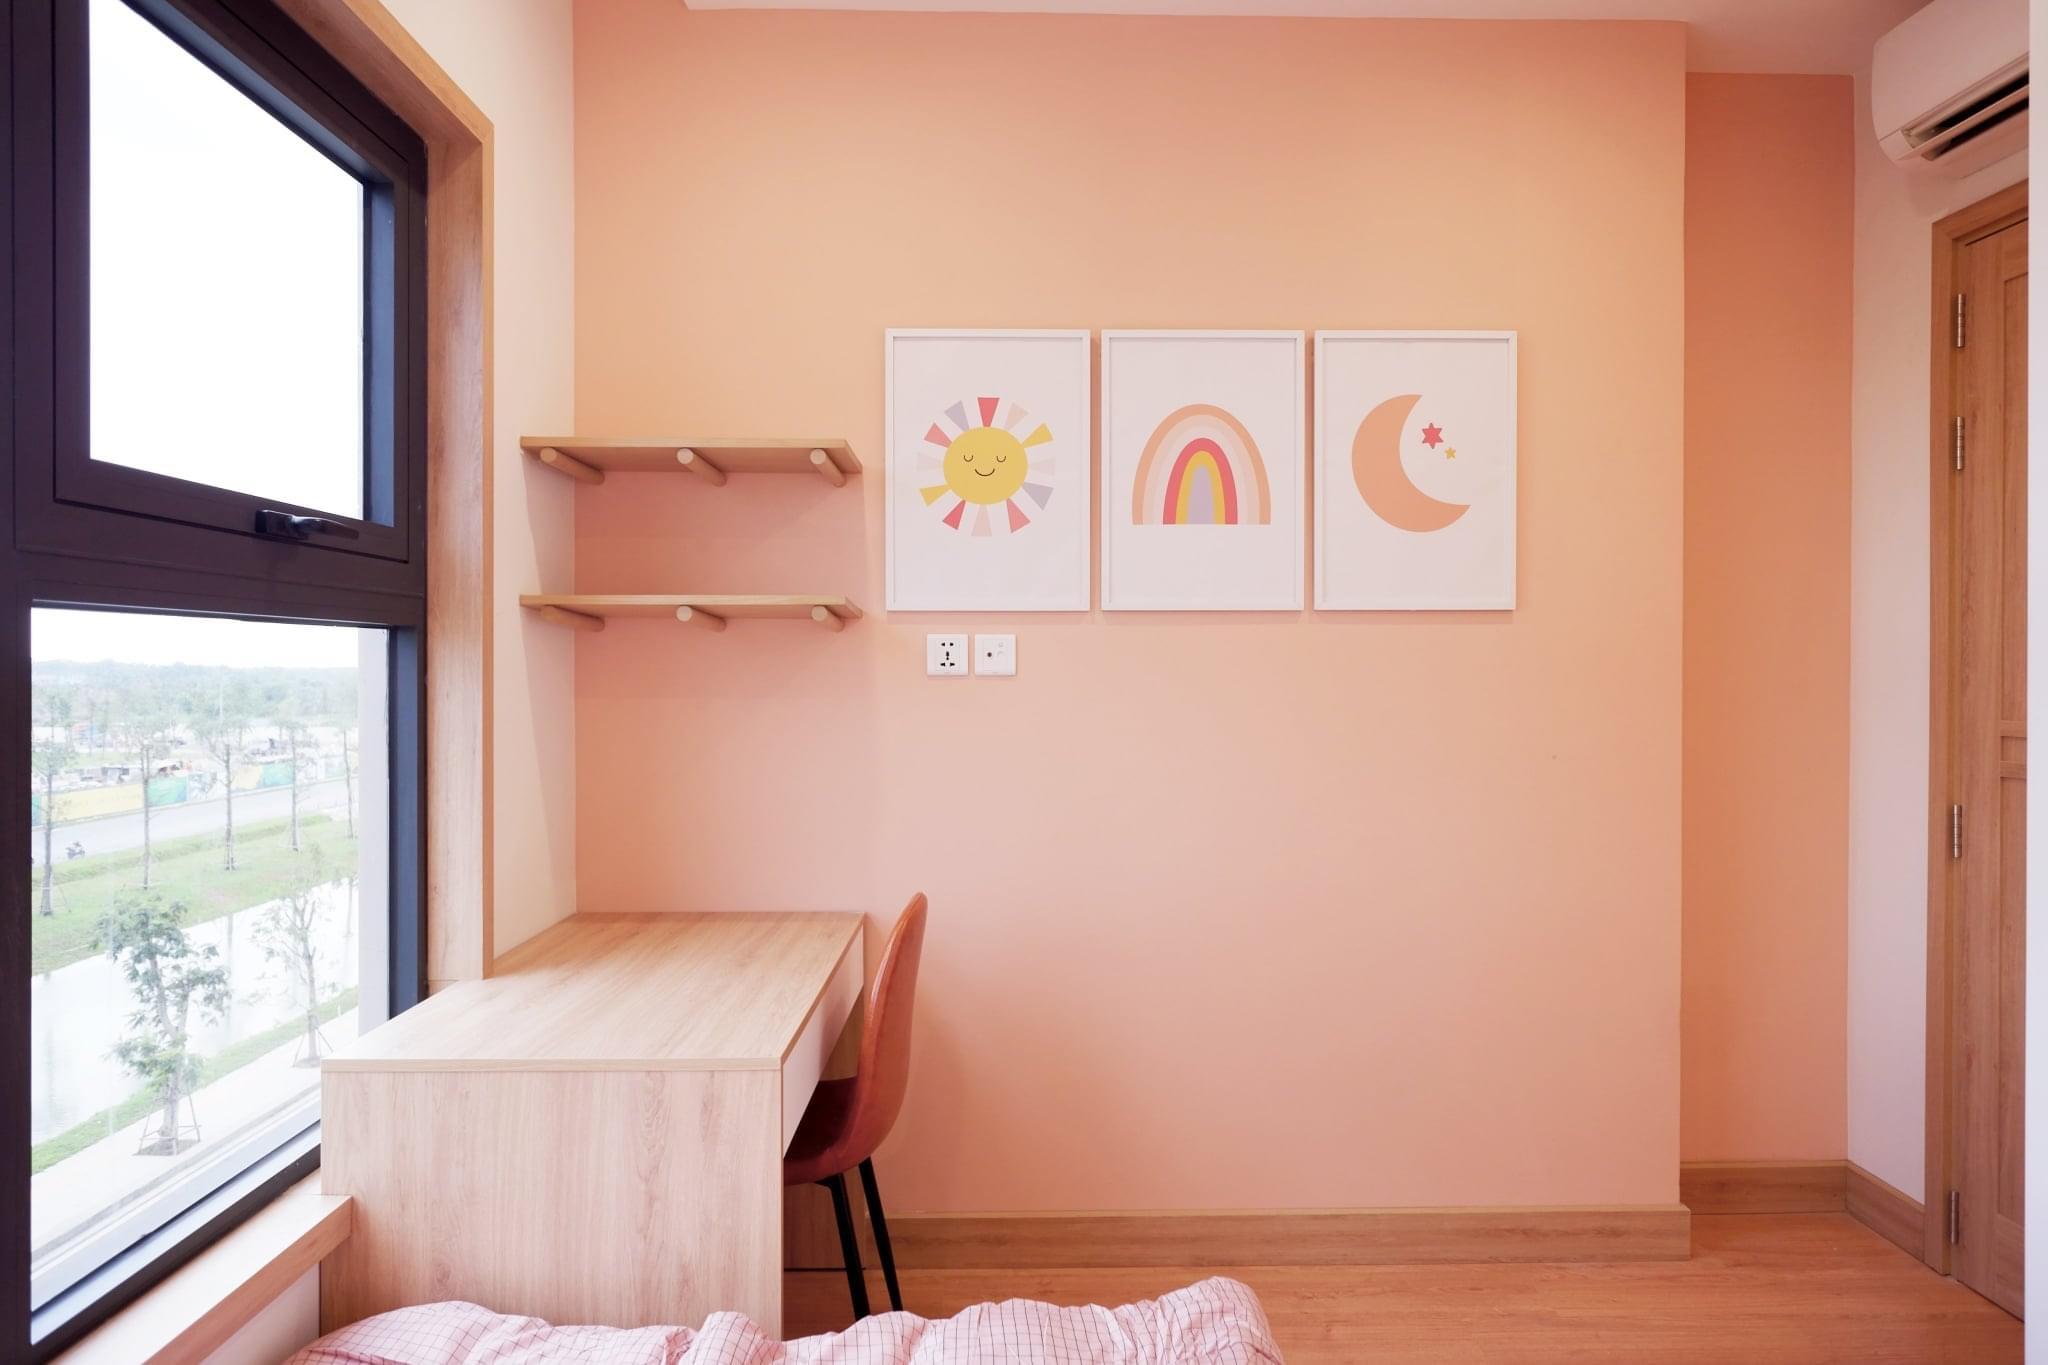 Căn hộ 3 phòng ngủ toà S5.01 Vinhomes Grand Park 11tr/tháng 4